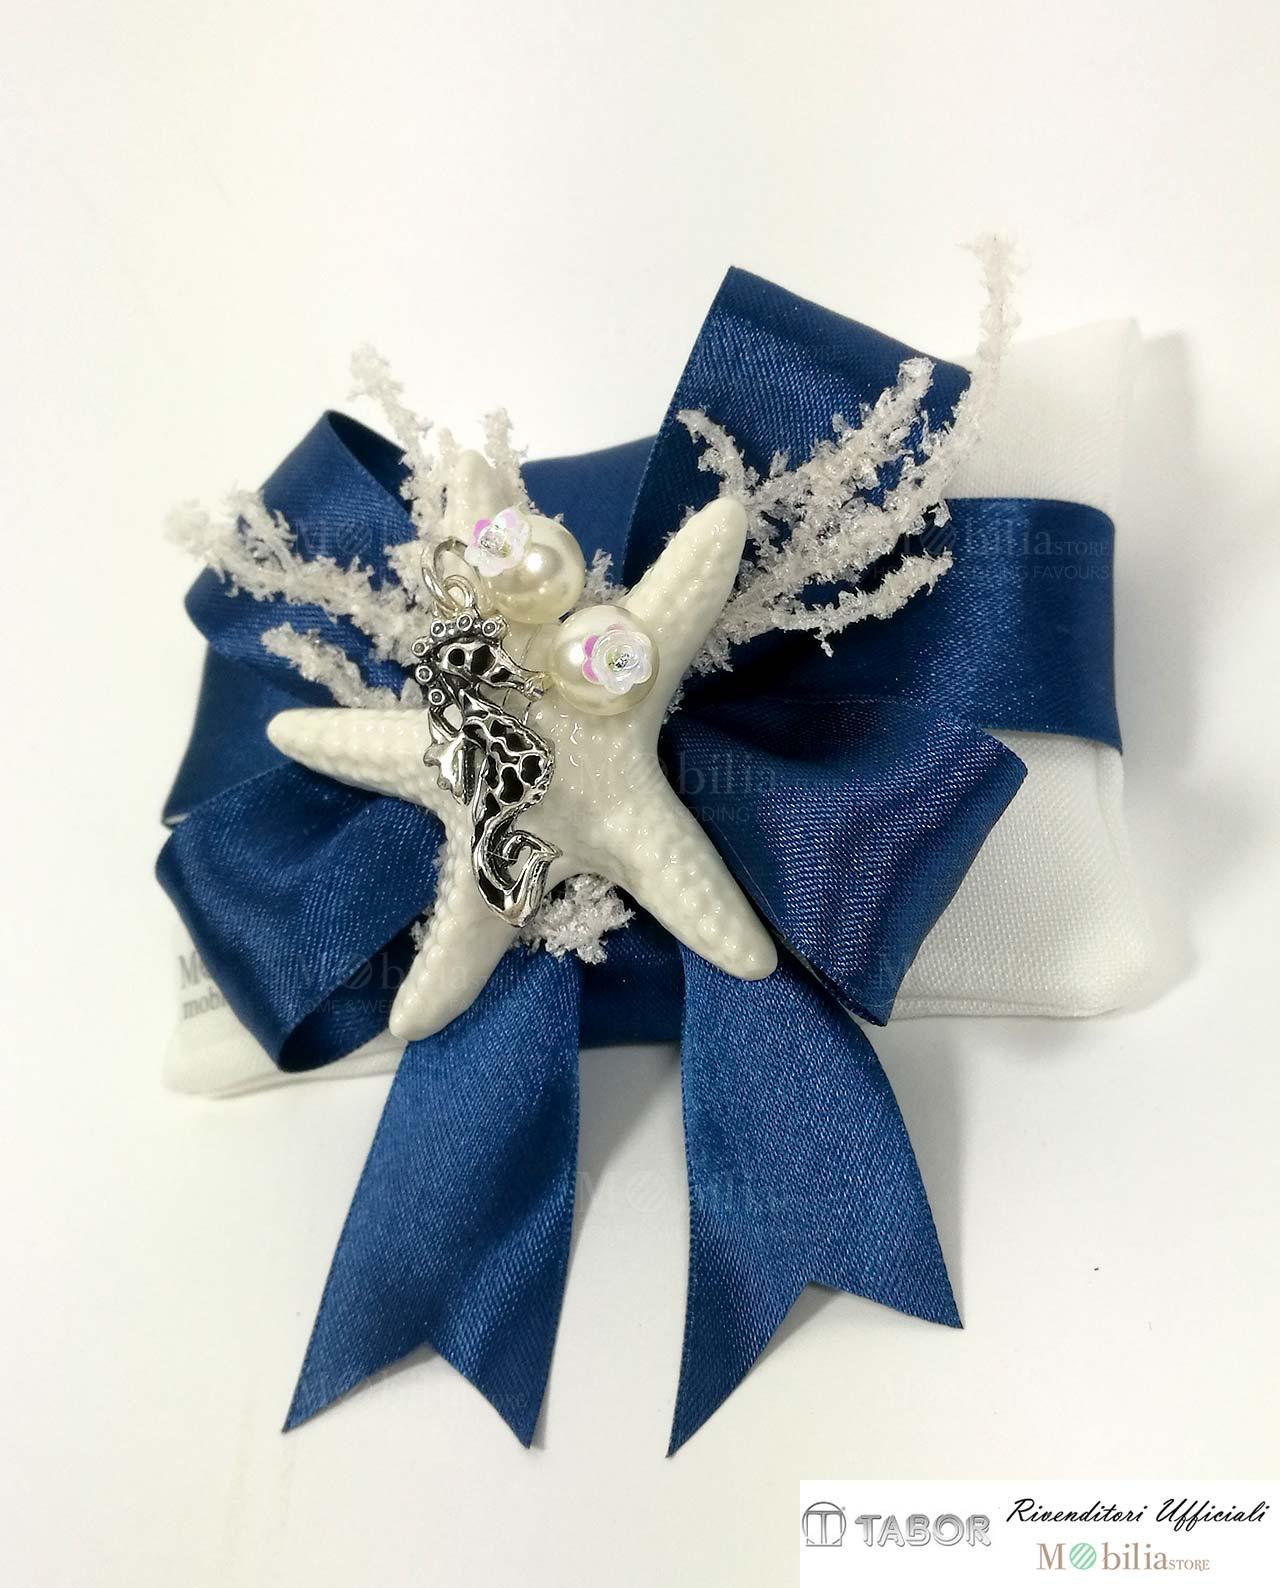 Bomboniere Matrimonio Telefono Azzurro : Bomboniere sacchettino con cavalluccio marino in argento e